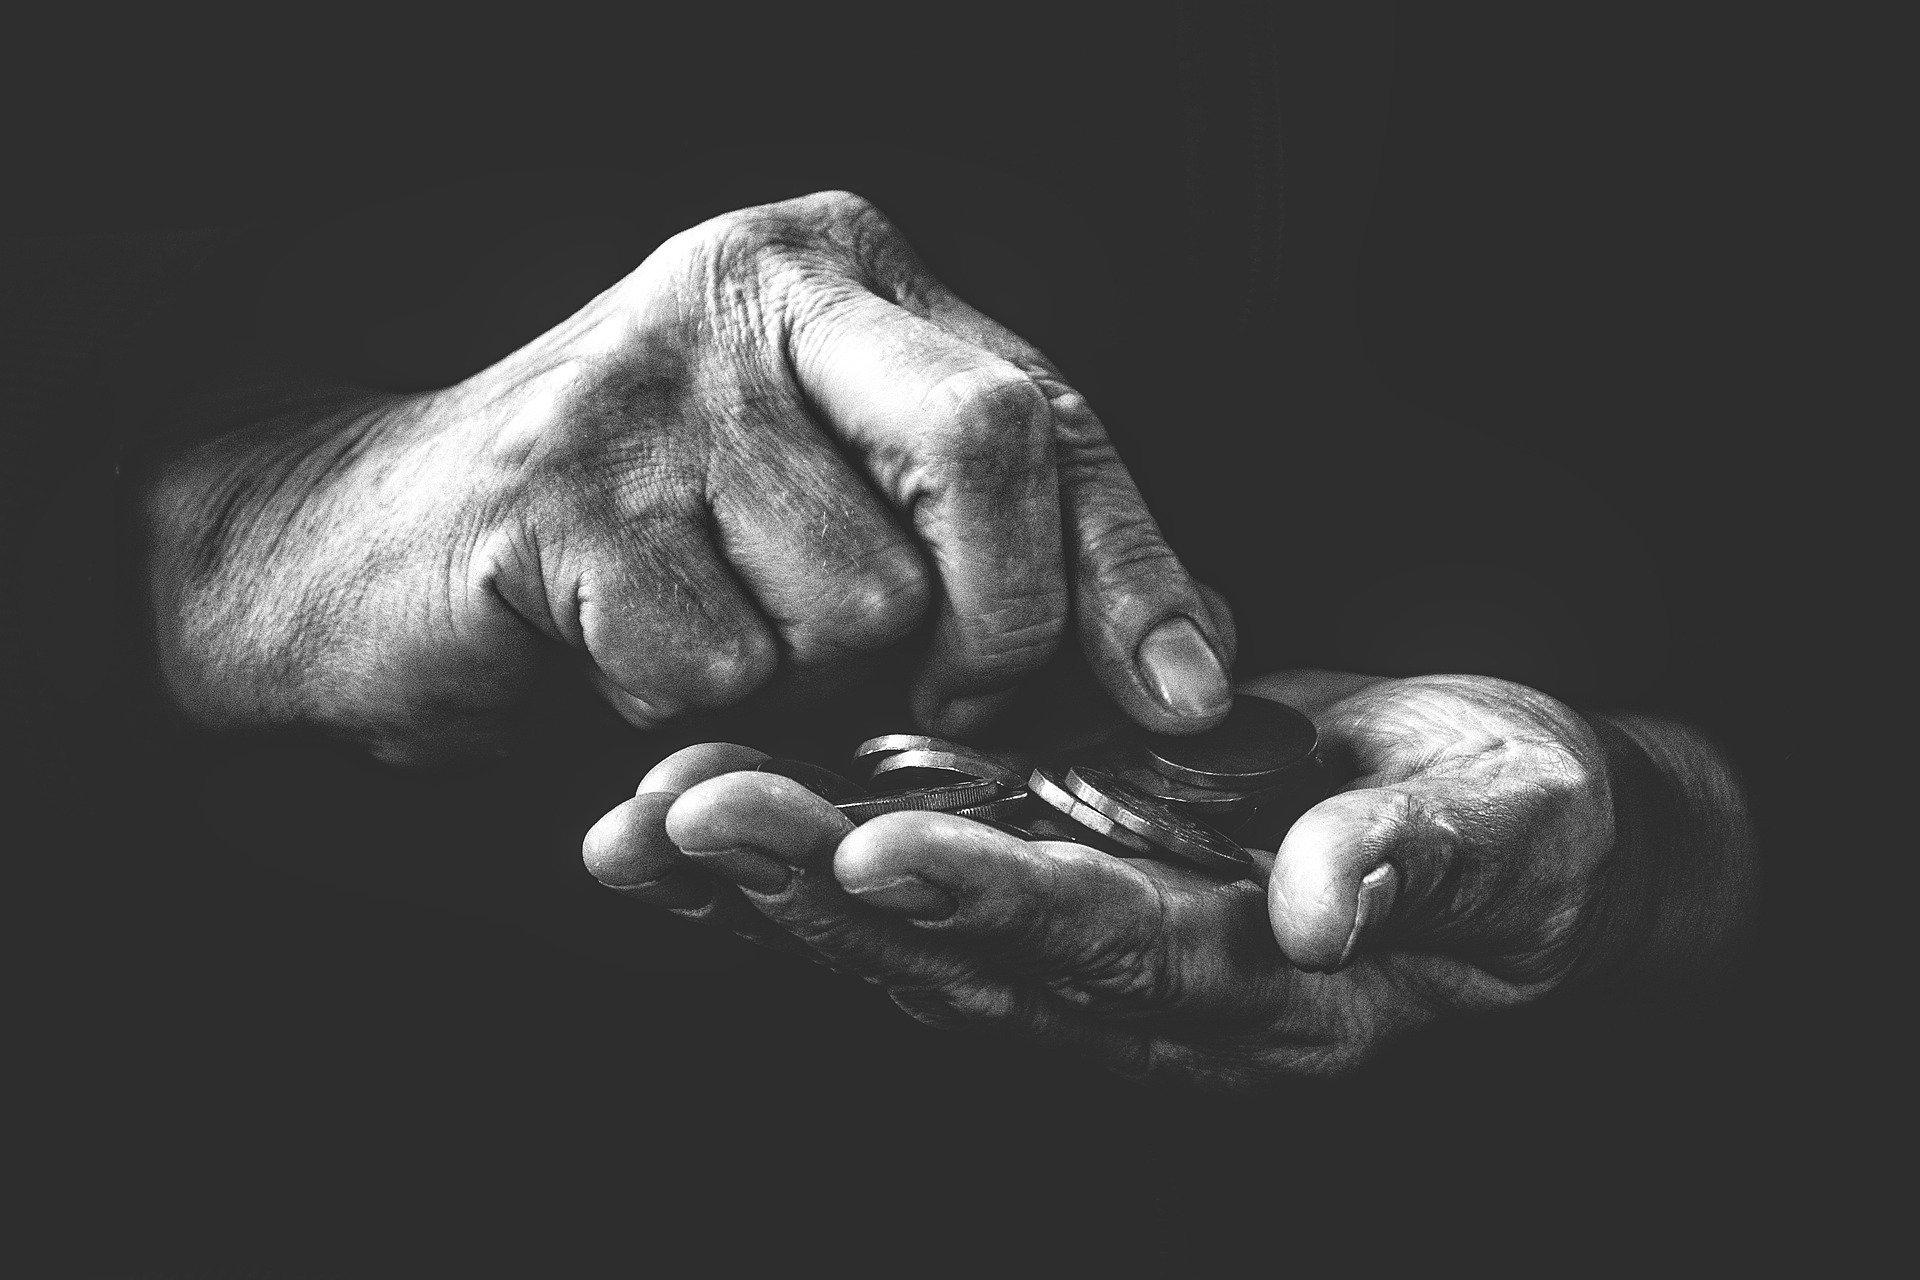 poverty-4561704_1920